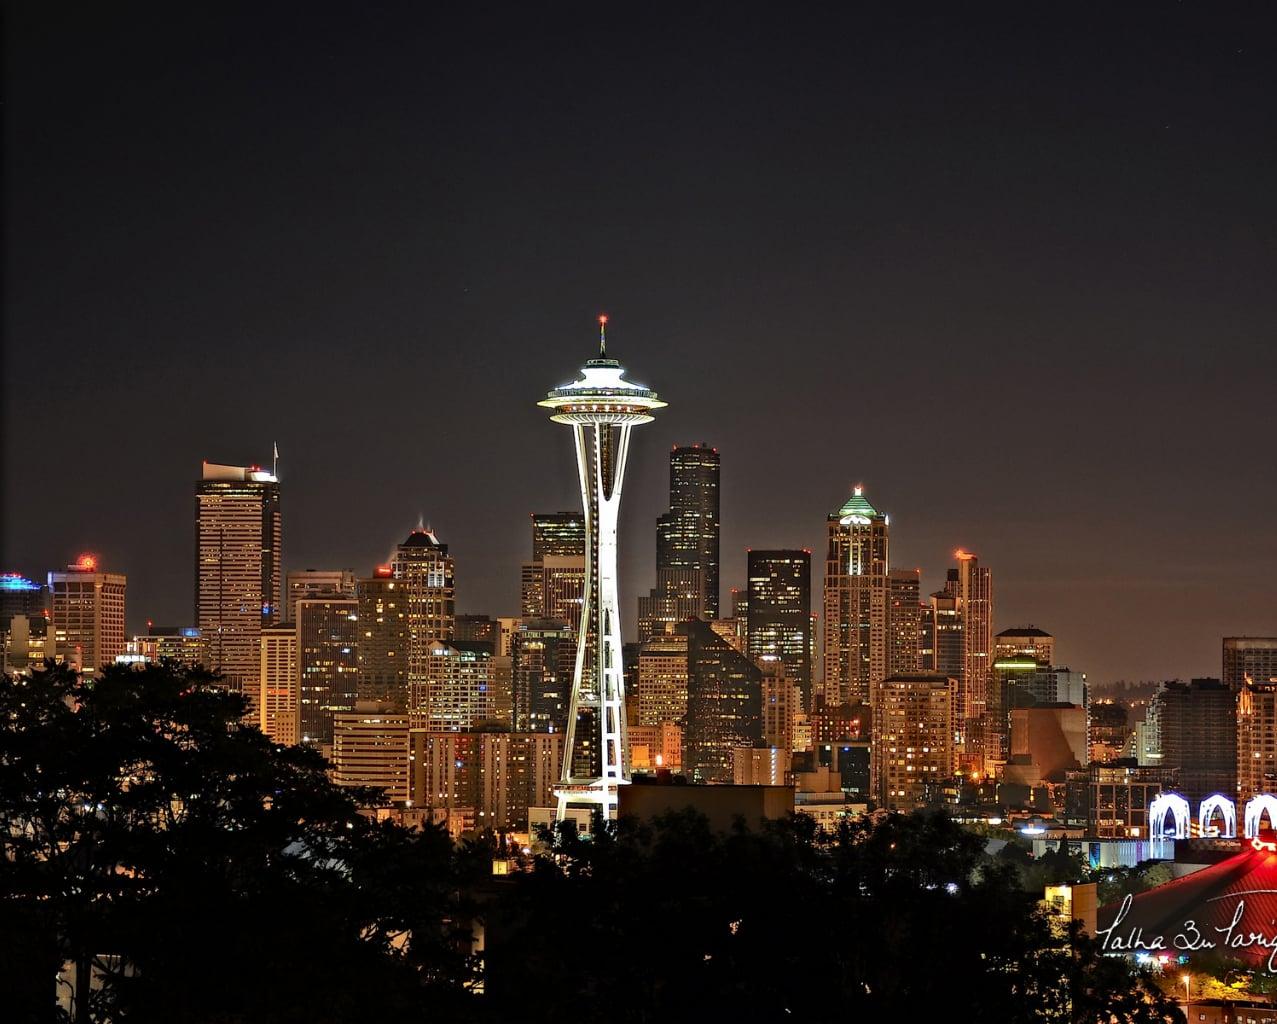 Tema Luzes da Cidade (City Lights)